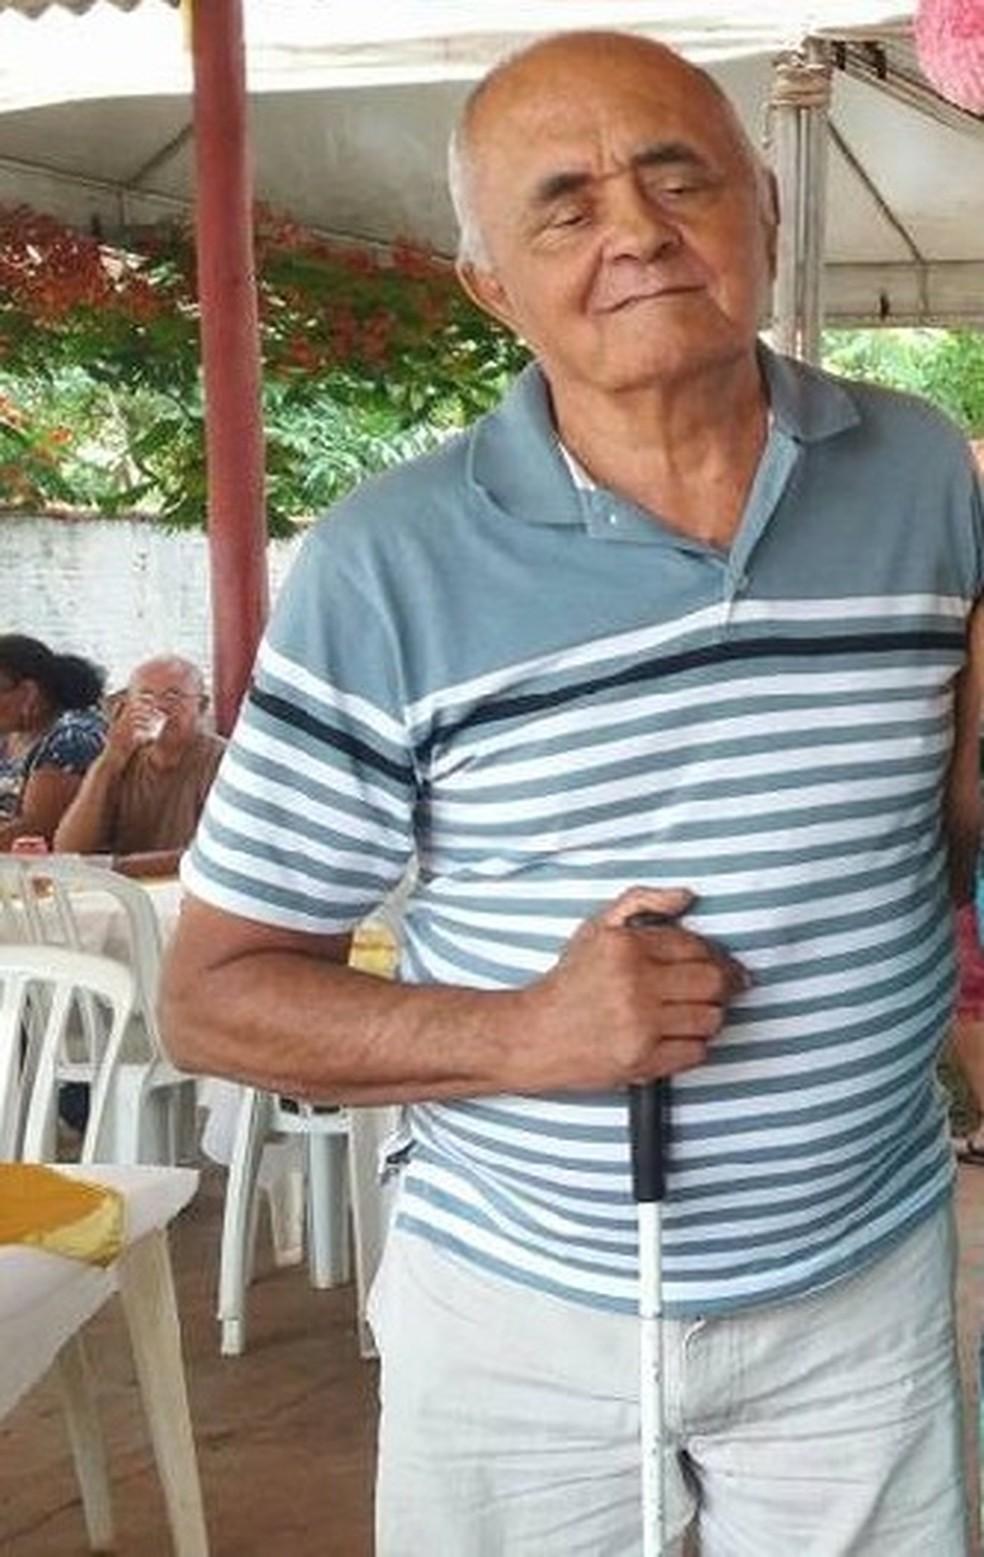 Júlio morreu nesse domingo em hospital de Cuiabá — Foto: Facebook/Reprodução